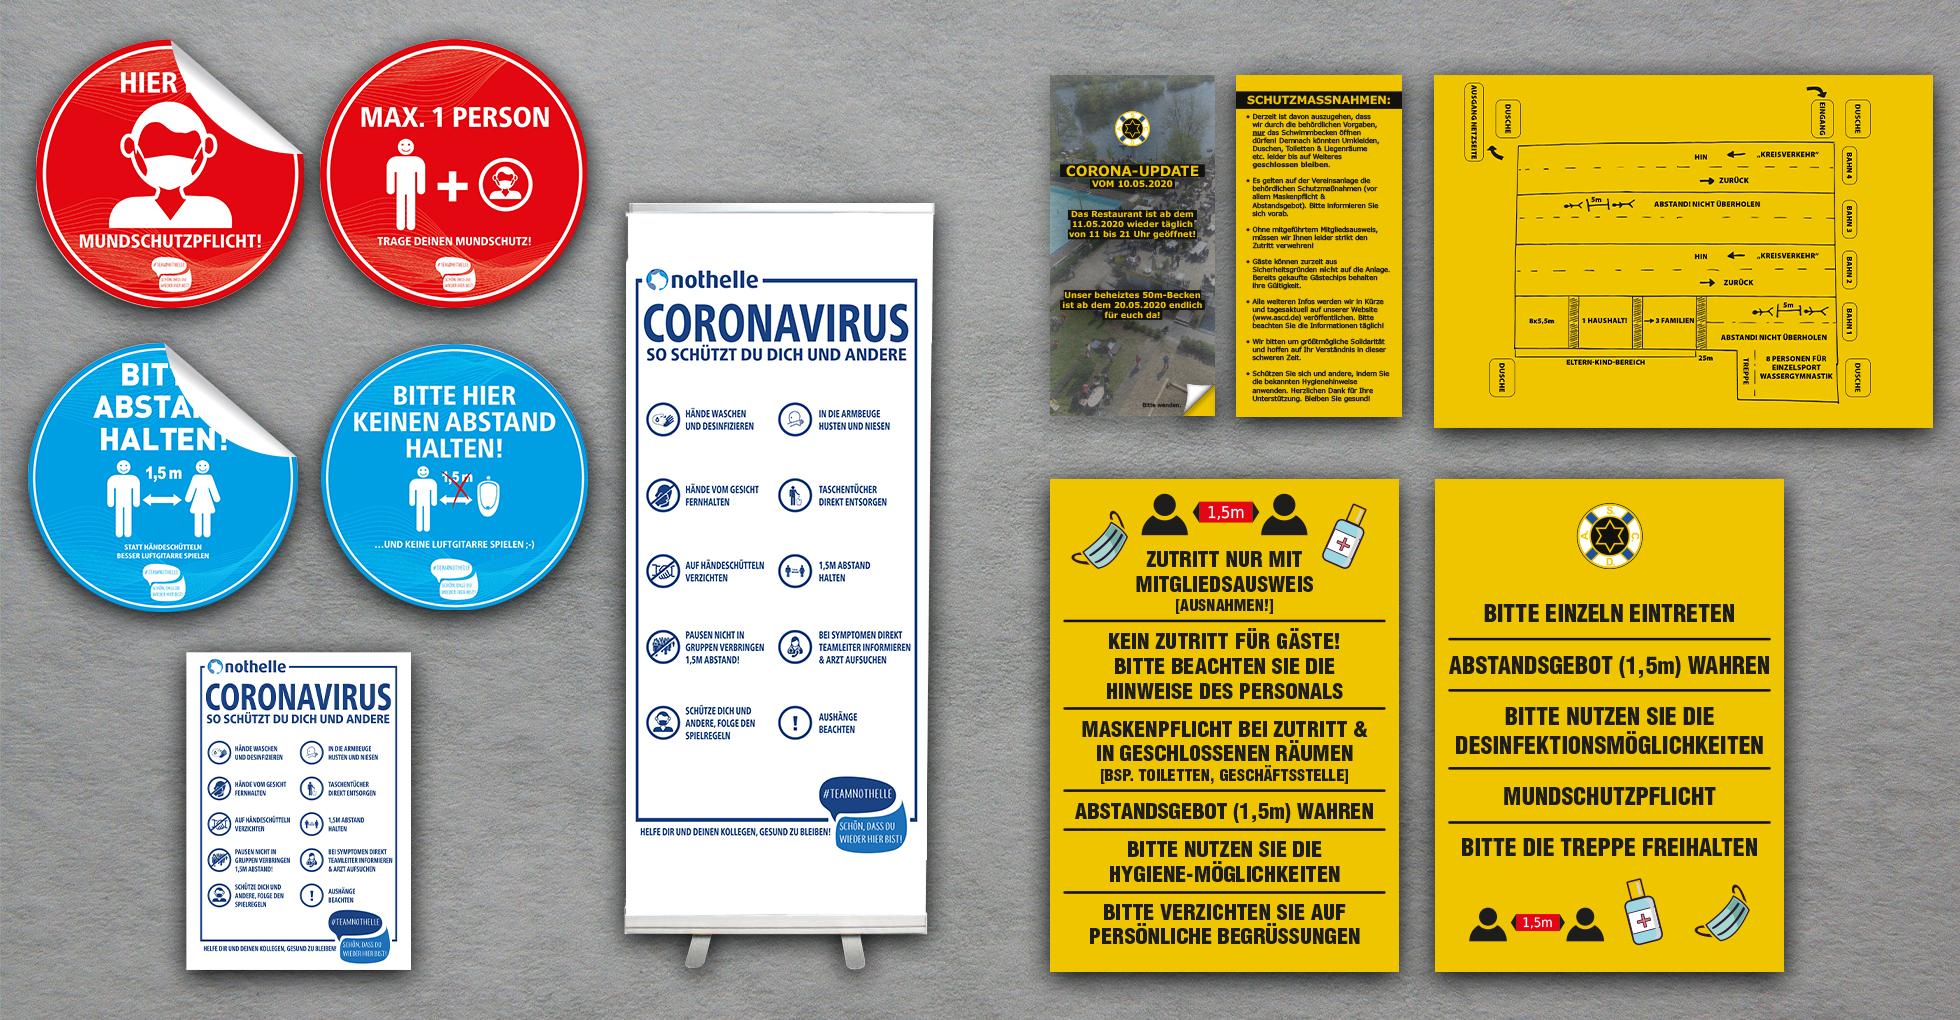 Diverse Hinweise zu Corona in unterschiedlicher Form, wie Aufkleber, Roll-Up, Plakate und Flyer